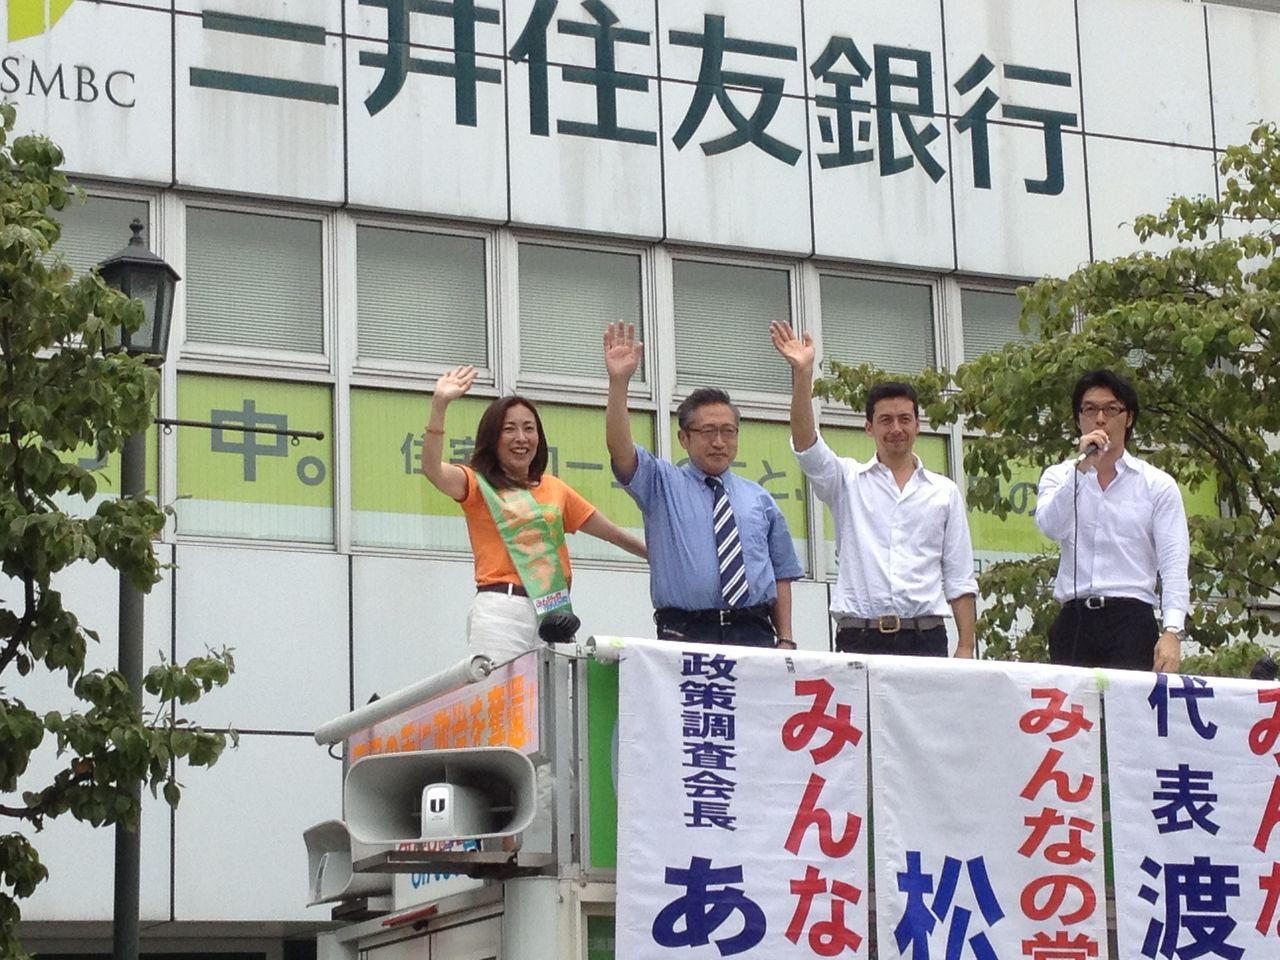 東京都議会議員 上田令子のお姐が行く!2013年06月